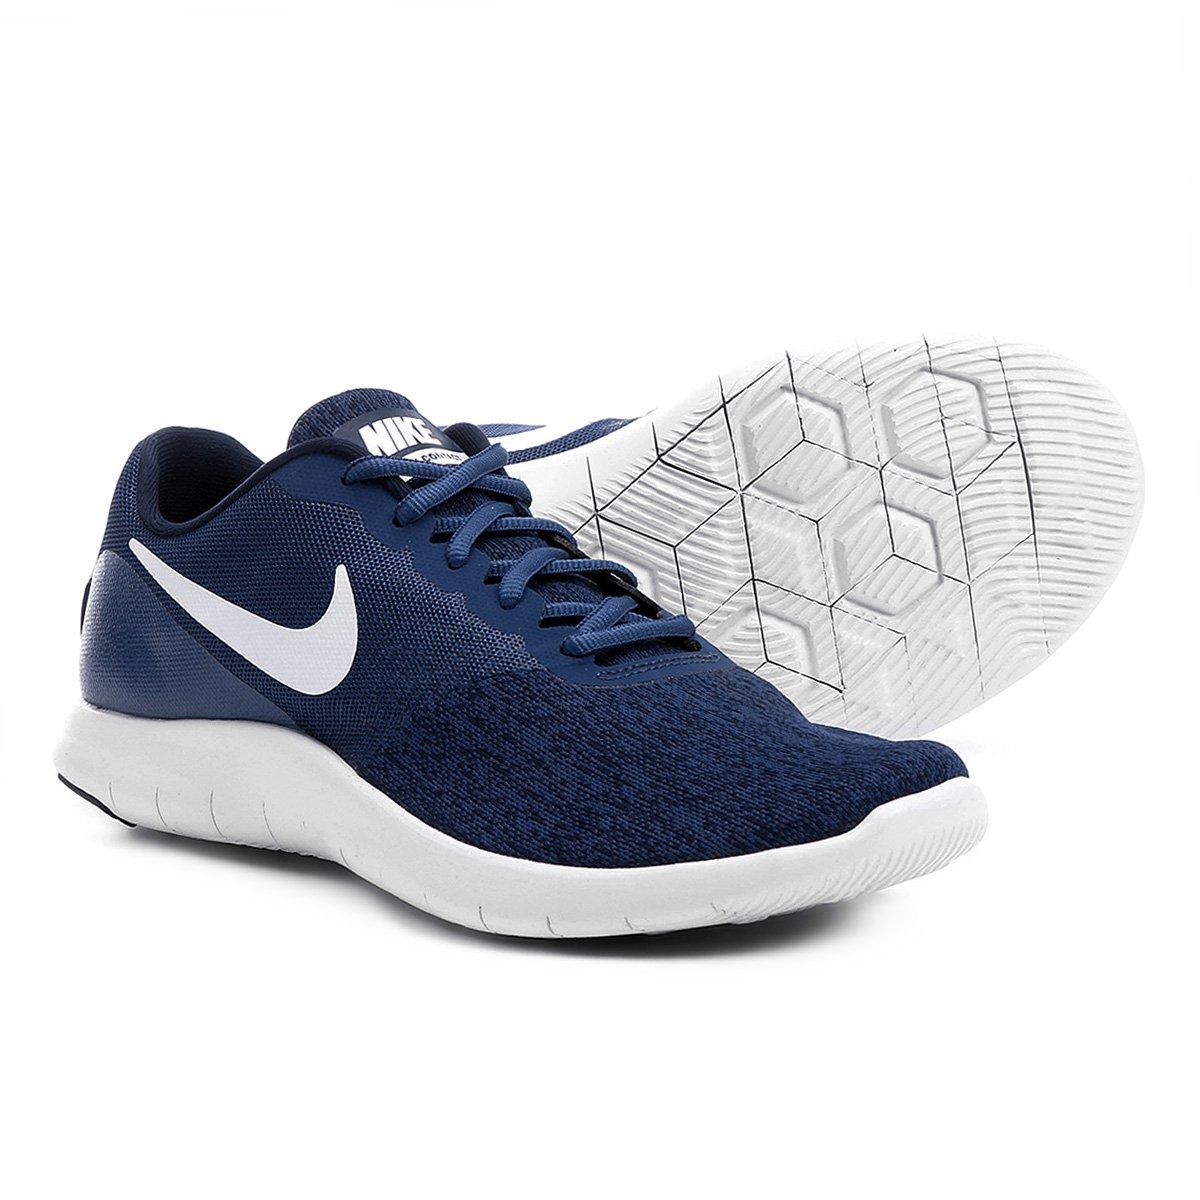 c32d35de2b Tênis Nike Flex Contact Masculino - Marinho e Branco - Compre Agora ...